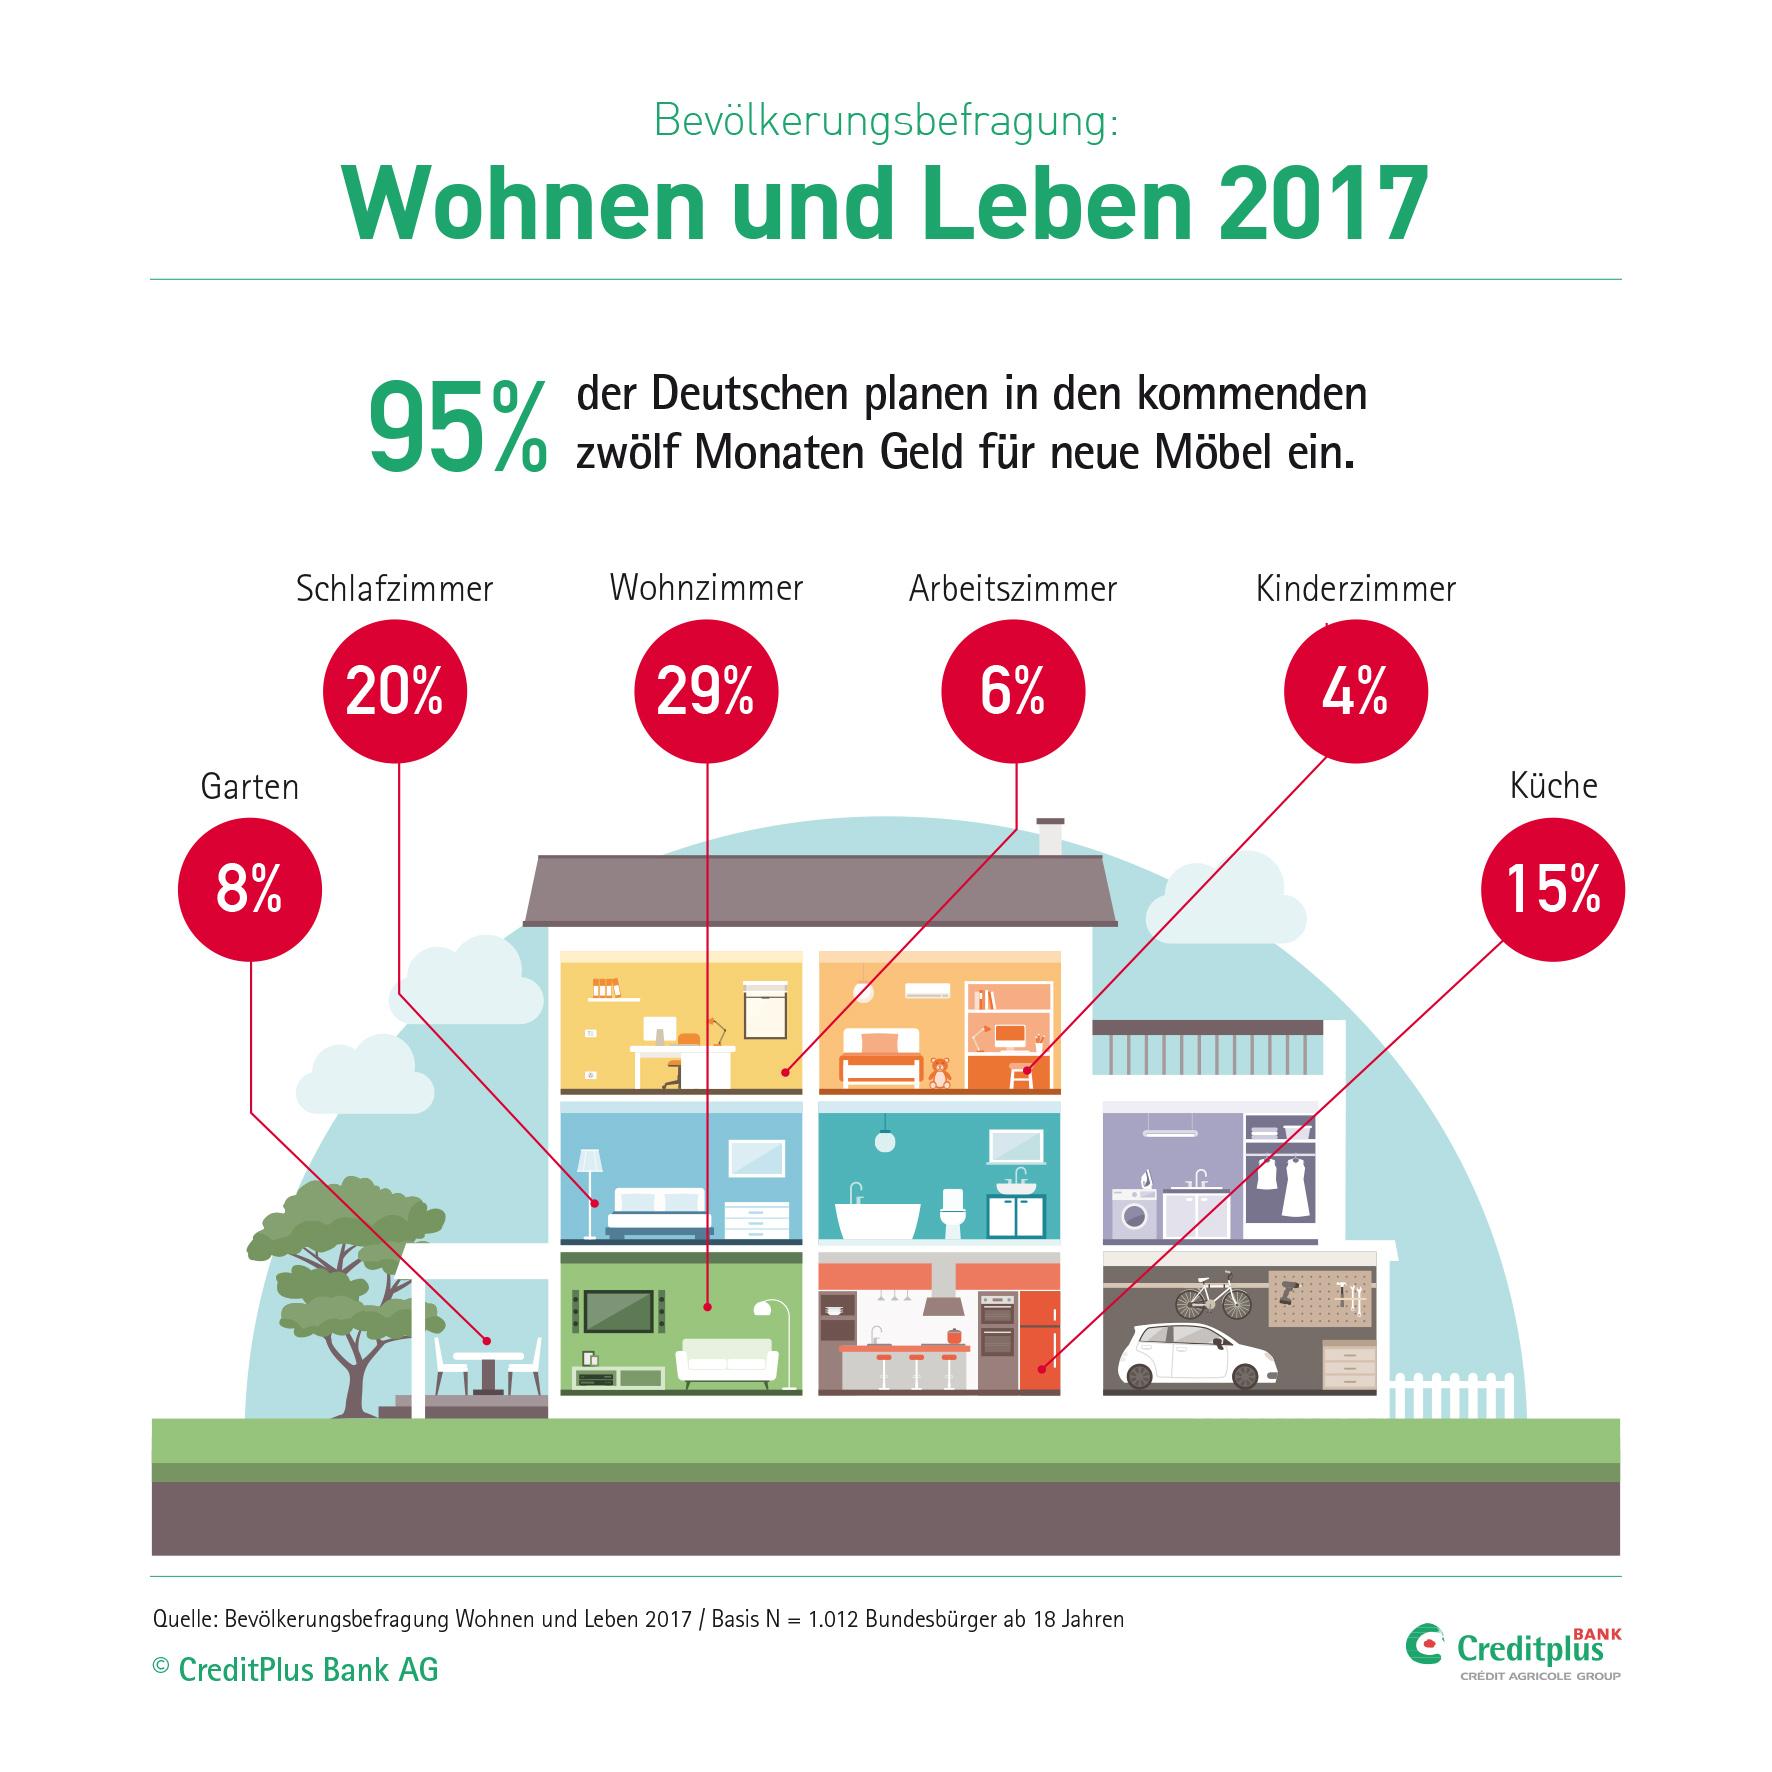 Neue Mobel In Deutschen Wohnungen Stehen Vorne Auf Der Wunschlist